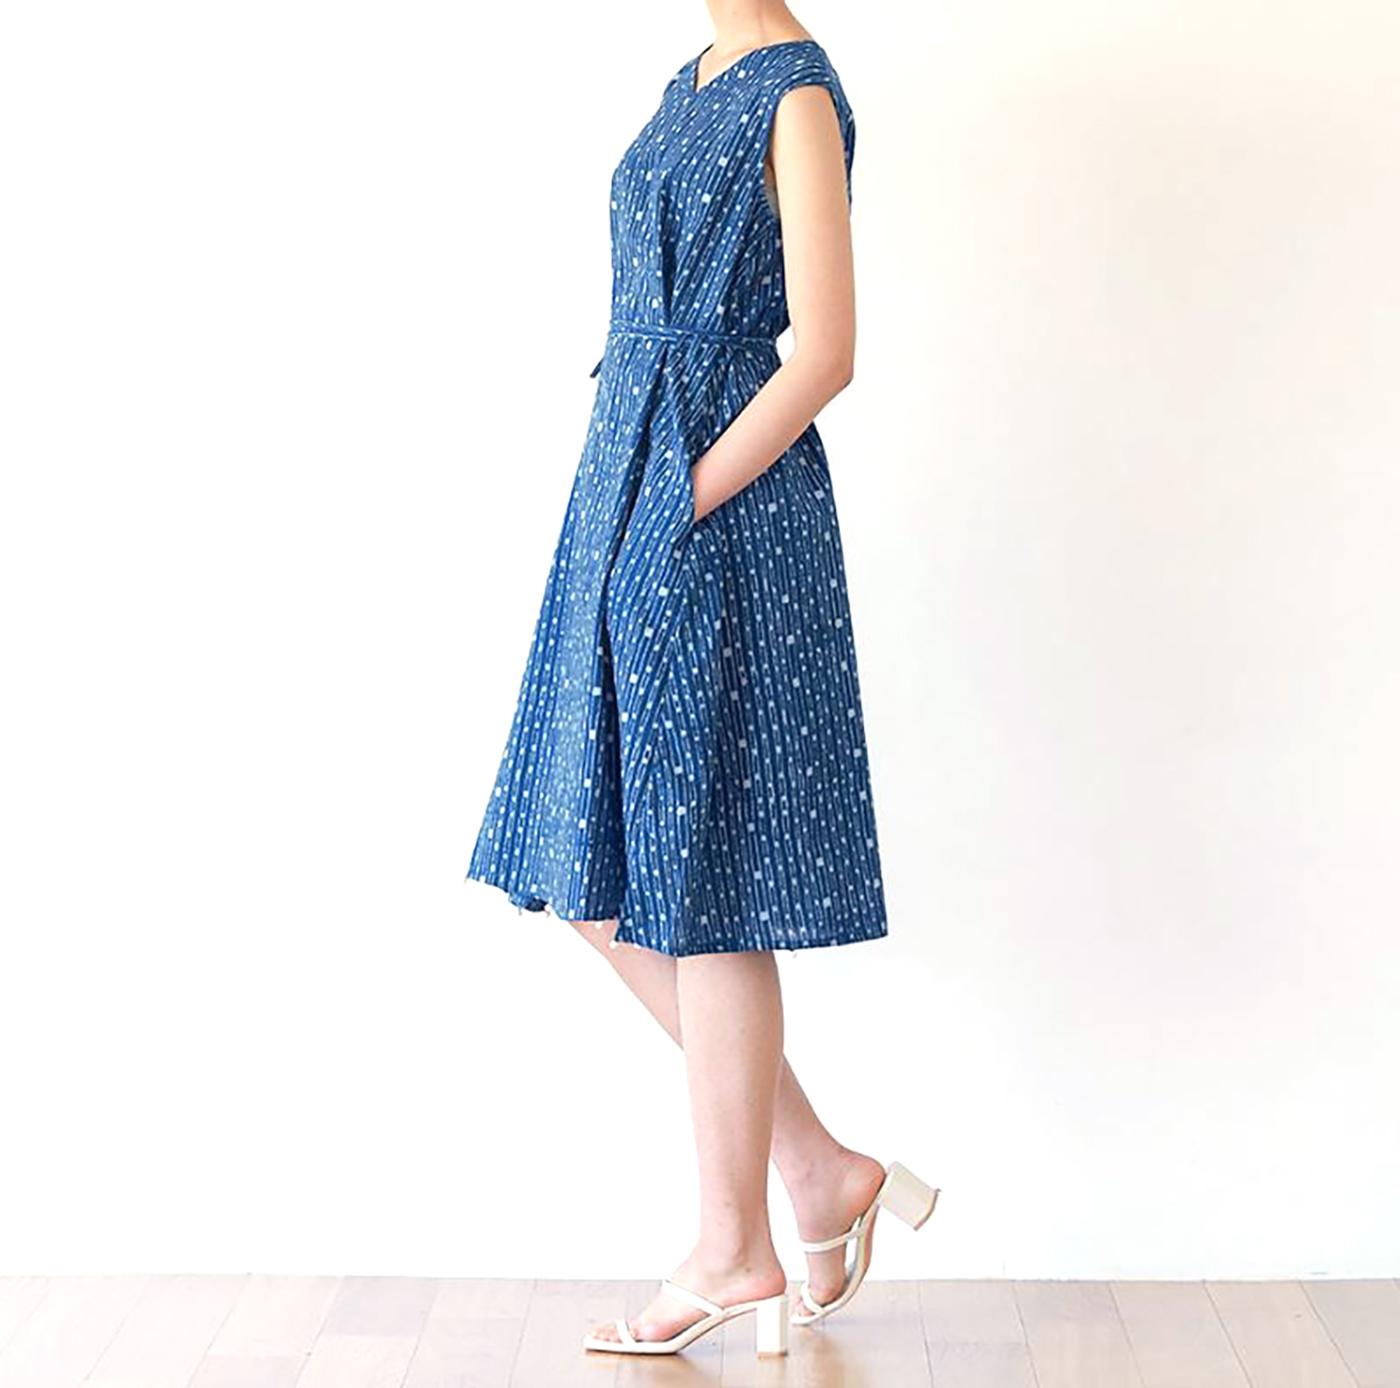 인디고 폼폼 드레스/그루 인디고 폼폼 드레스 상세이미지3